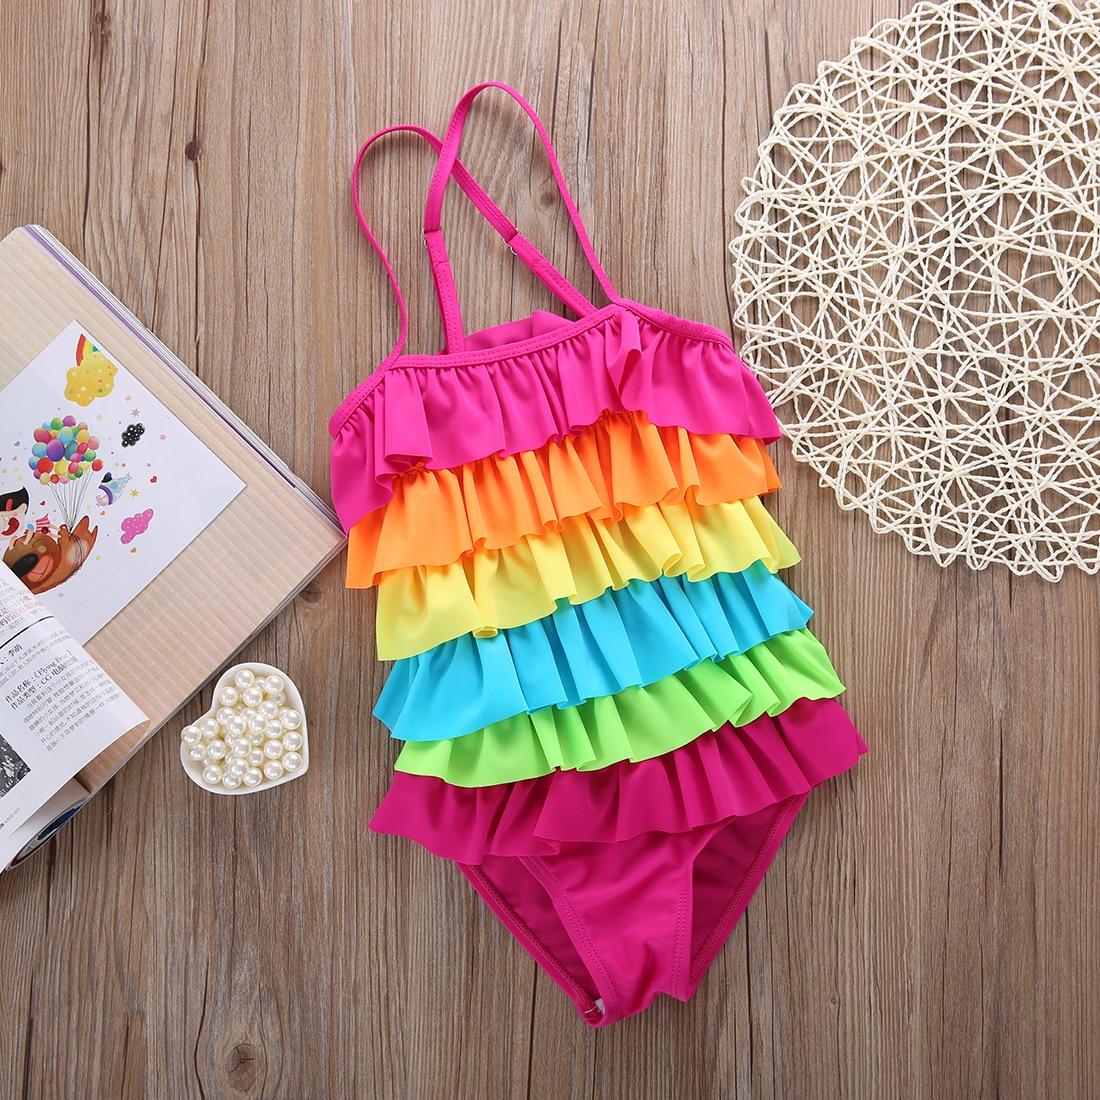 Summer Toddler Kids Girls Bathing Suit Rainbow Bikini Swimwear Swimsuit Swimming Costume Lights & Lighting